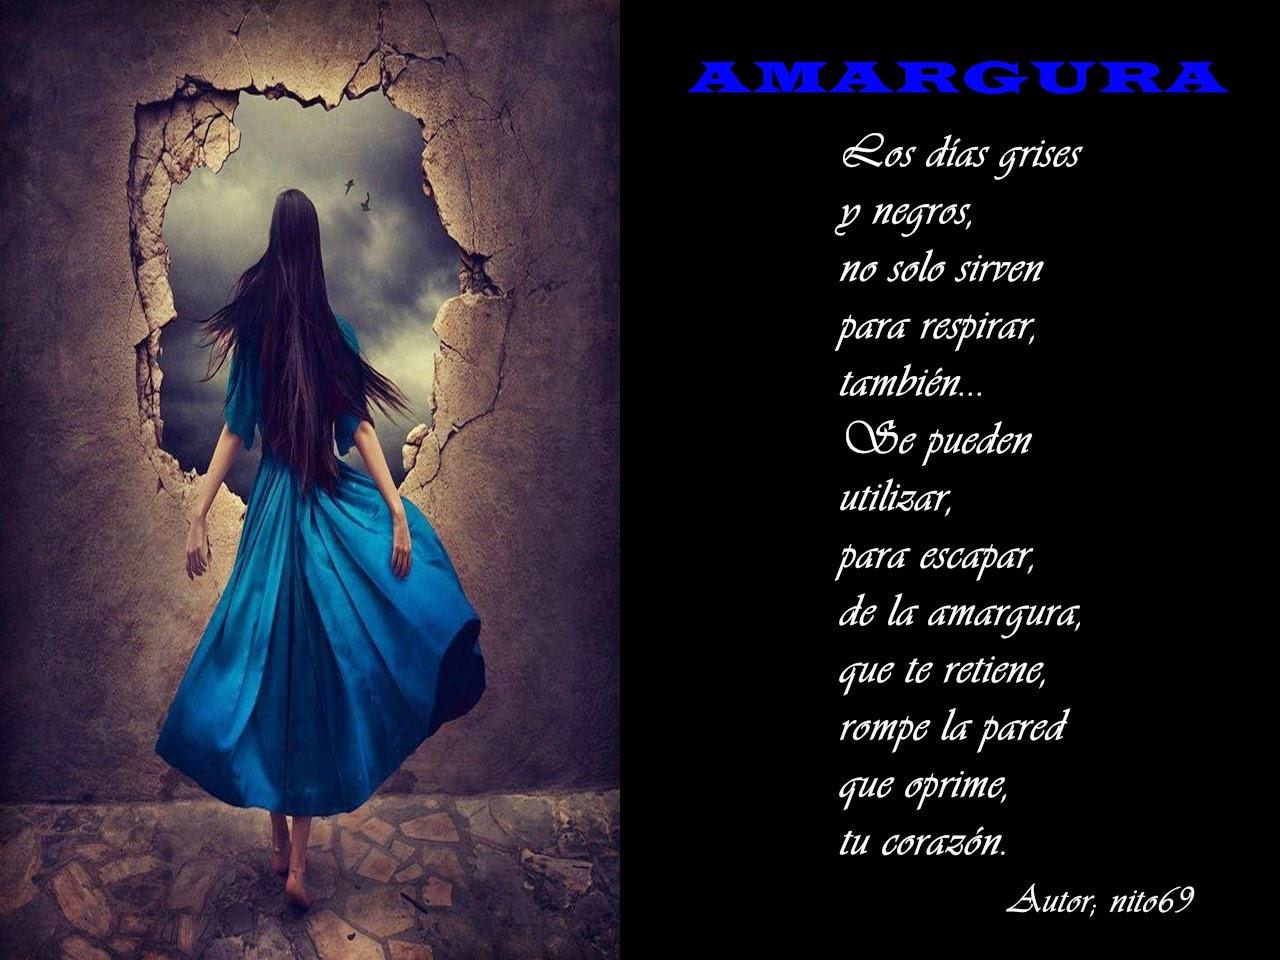 AMARGURA